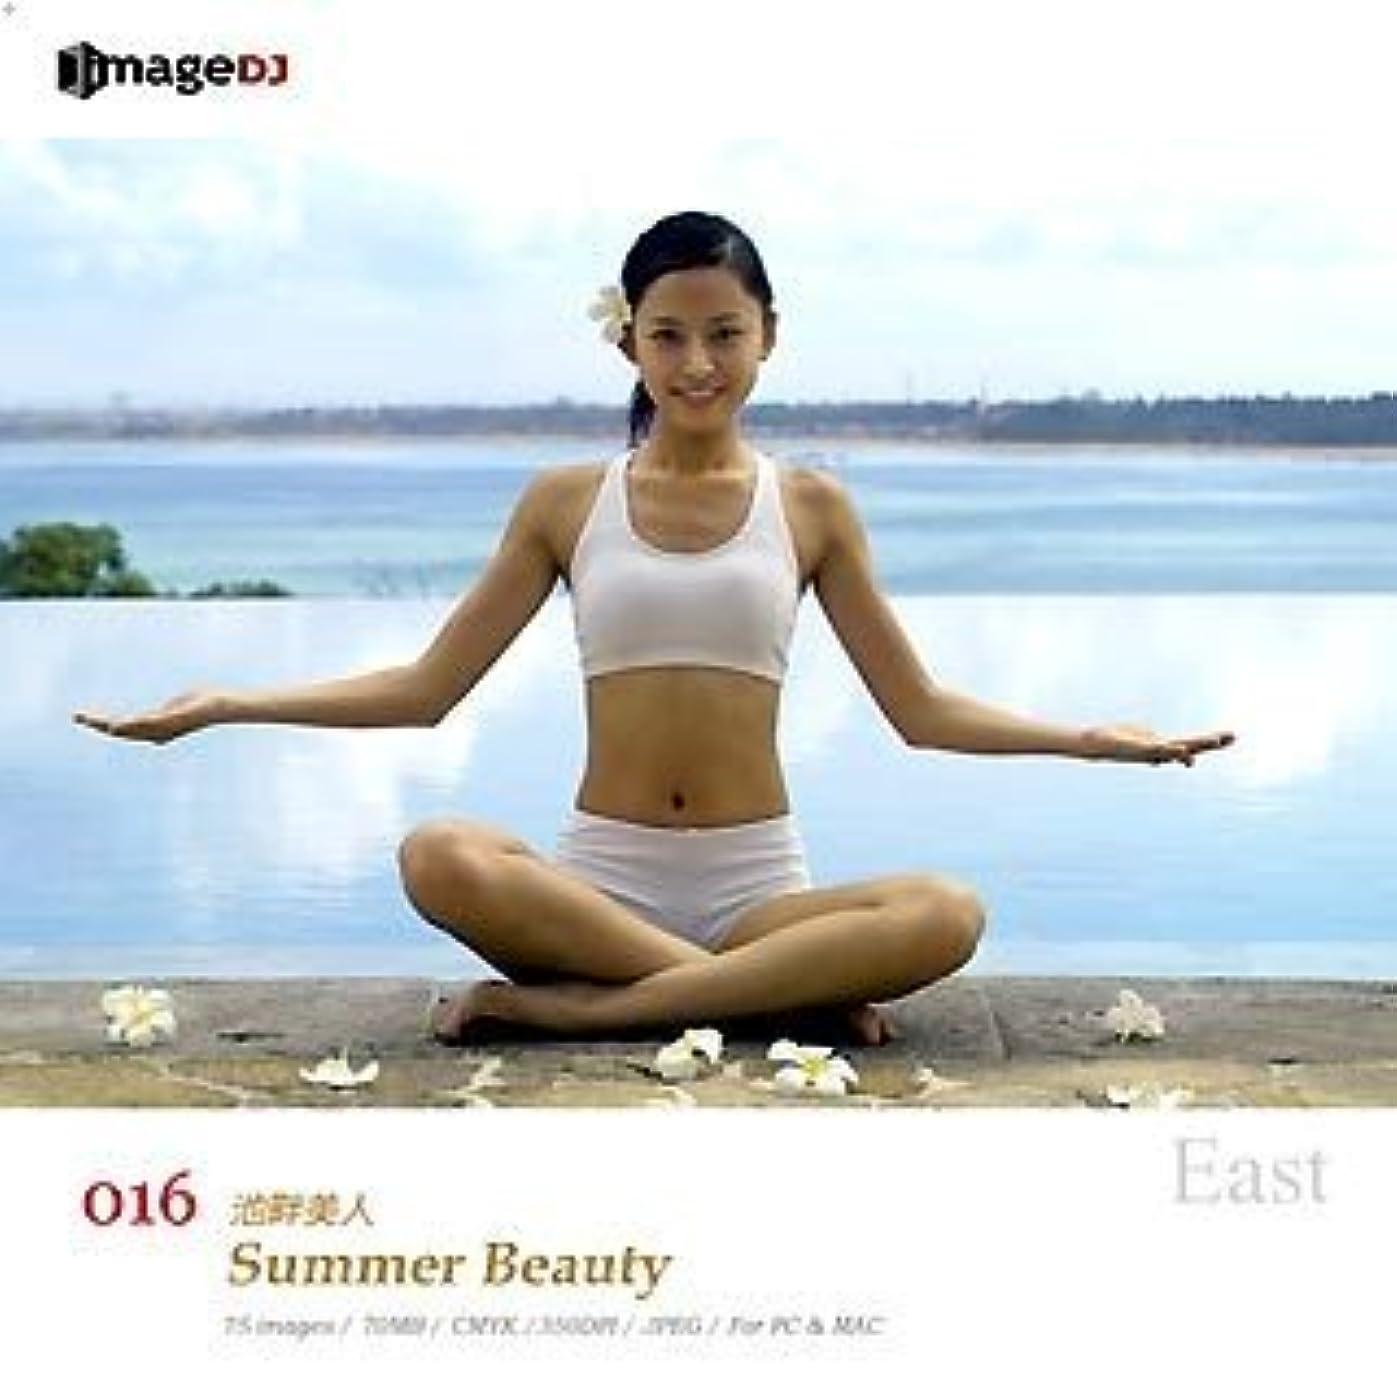 批判的防腐剤望みEAST vol.16 サマービューティ Summer Beauty